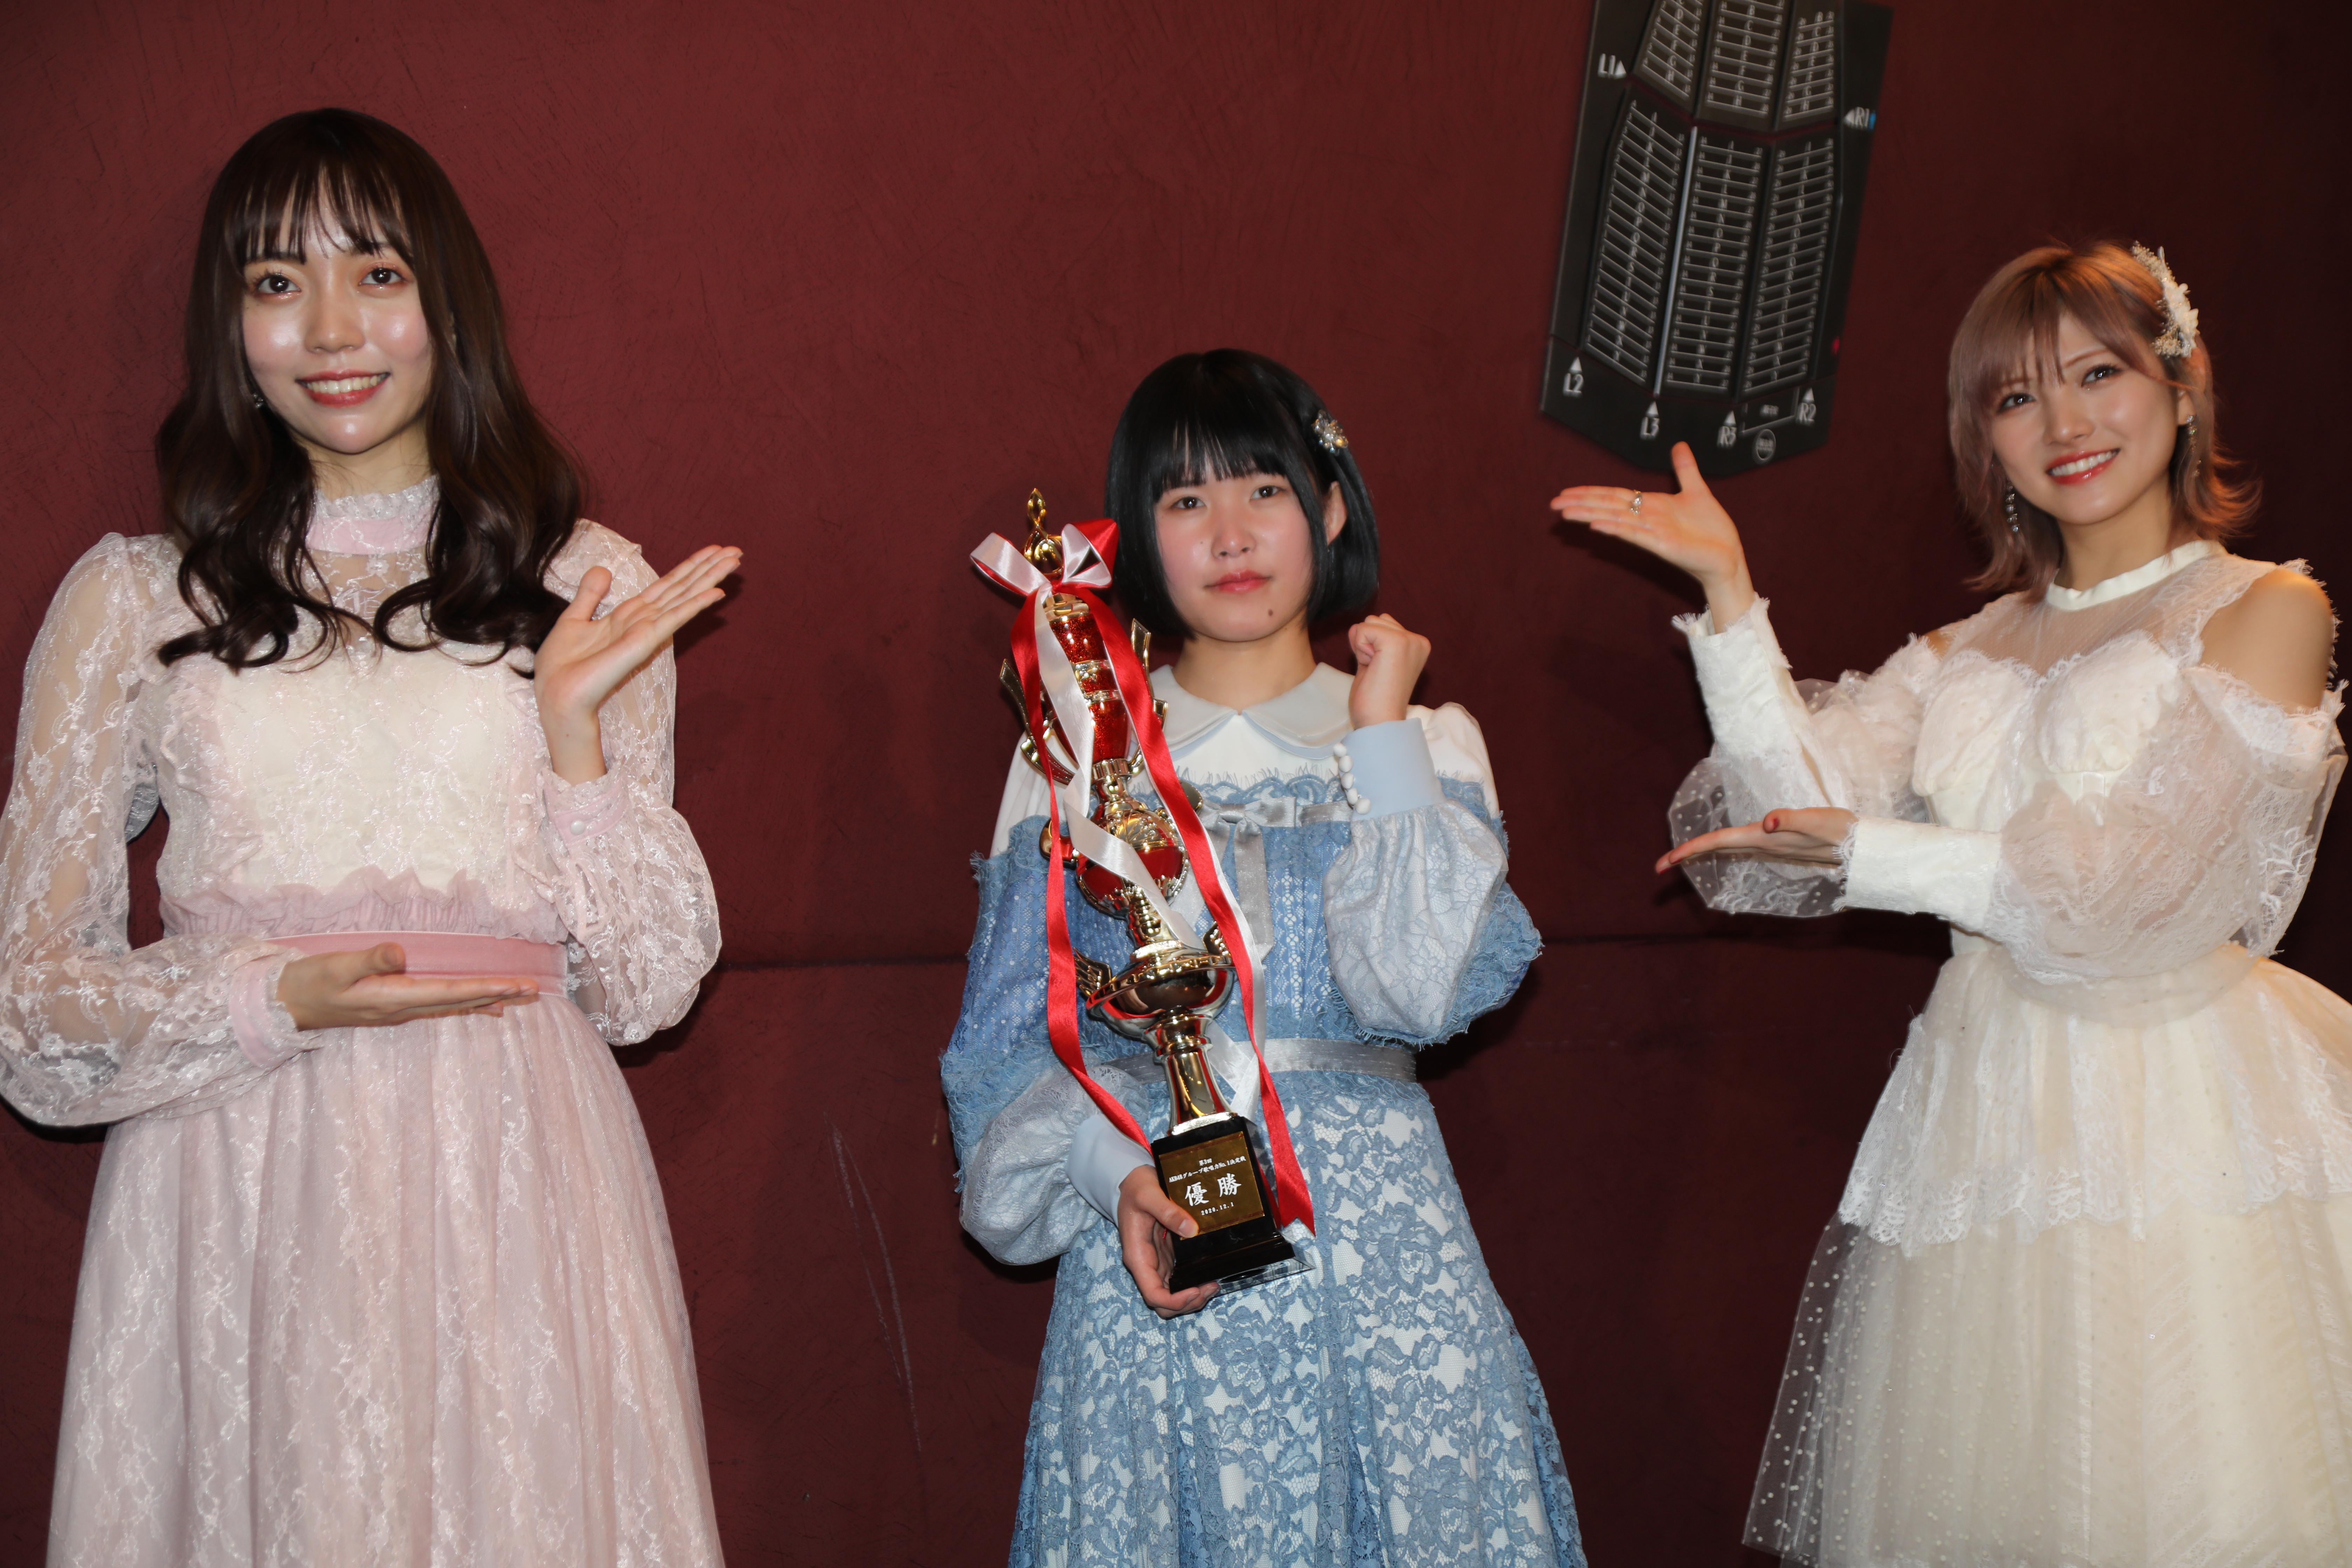 囲み取材での野島樺乃(SKE48)池田裕楽(STU48)岡田奈々(AKB48/STU48)